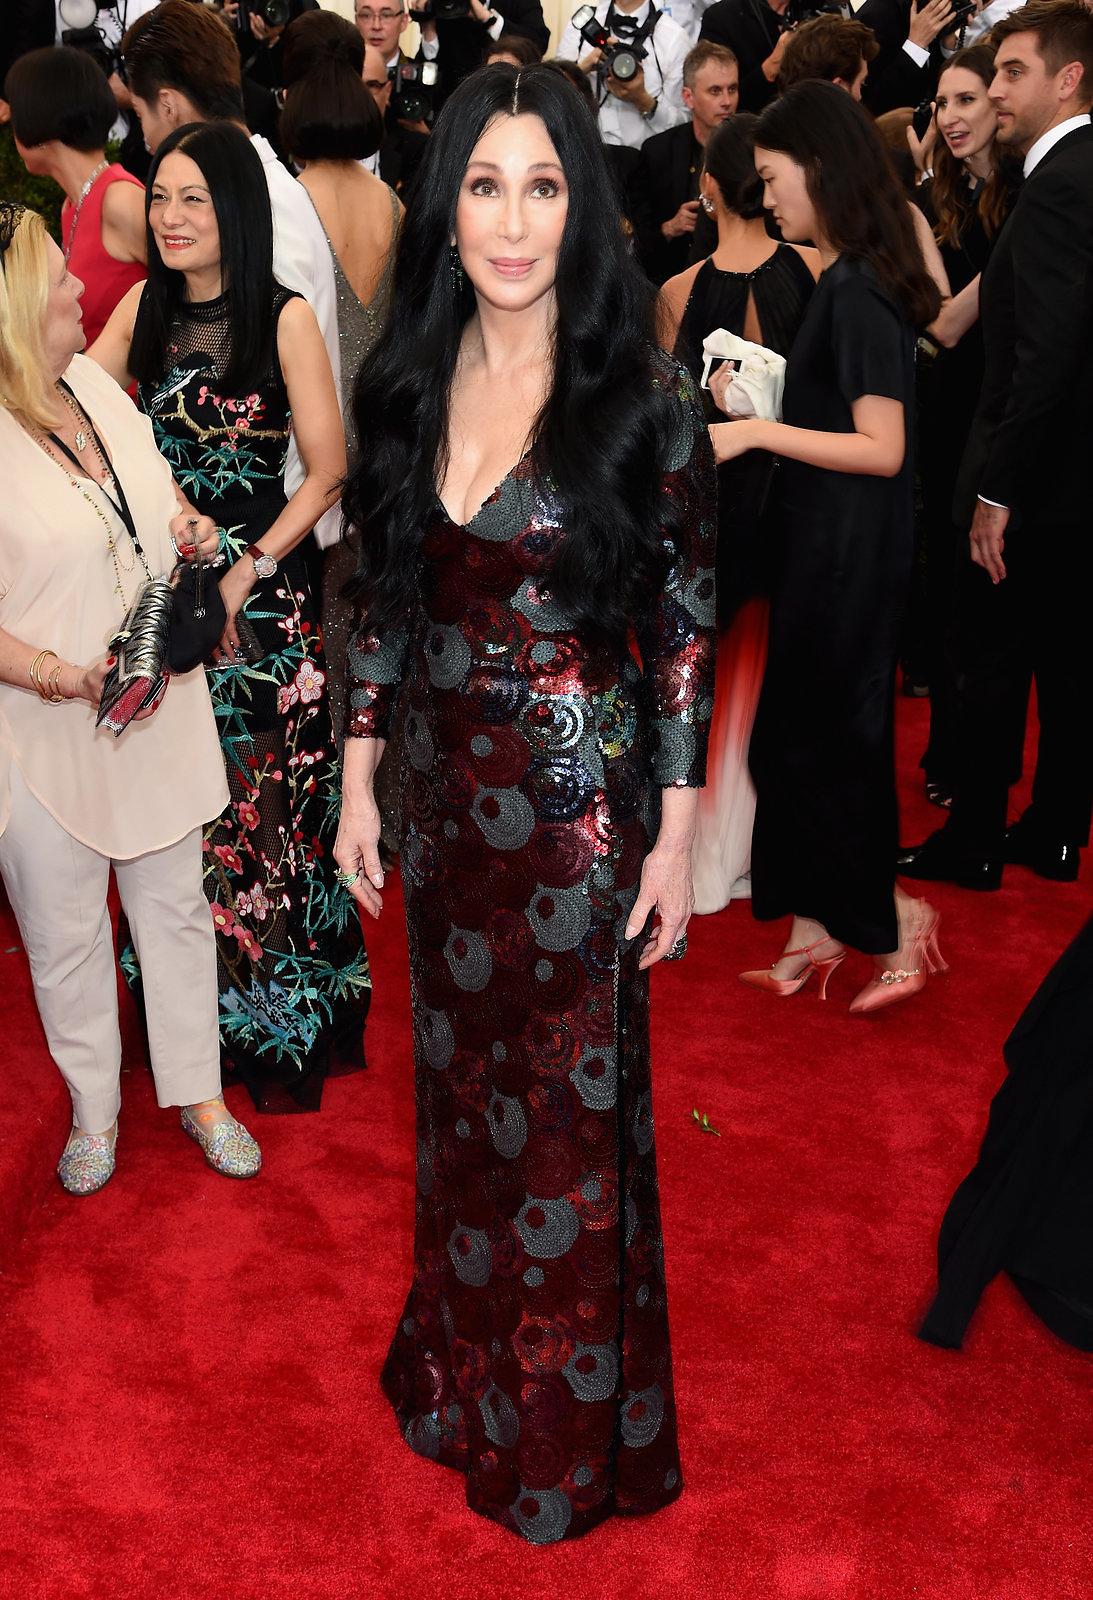 cher-met-gala-2015-best-dressed